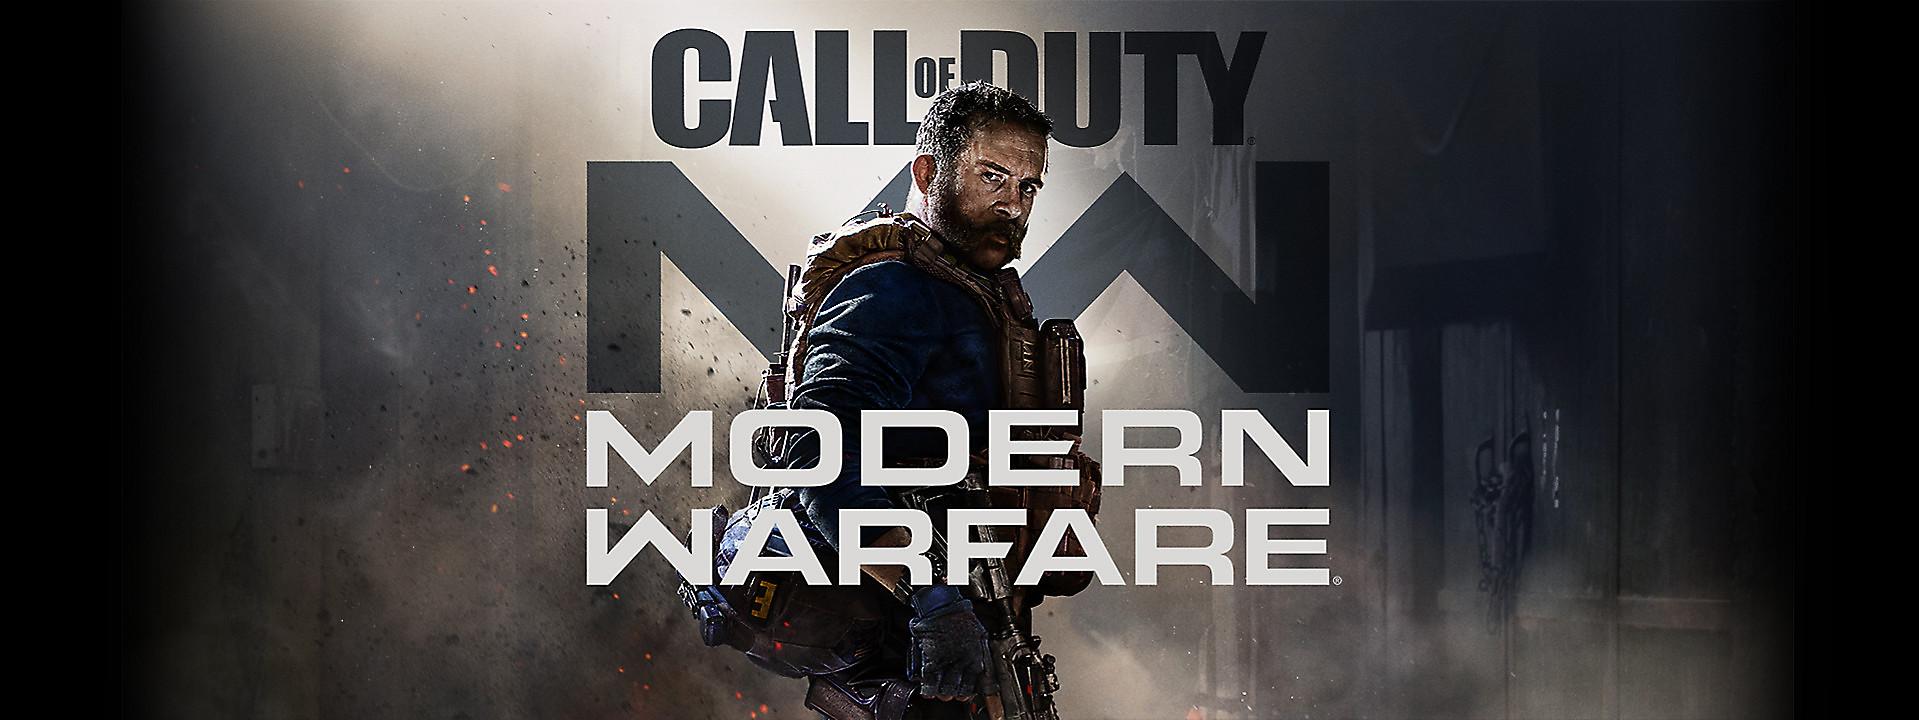 NPD Group определила топ-20 самых продаваемых видеоигр в США в октябре 2019. Лидирует Call of Duty: Modern Warfare.